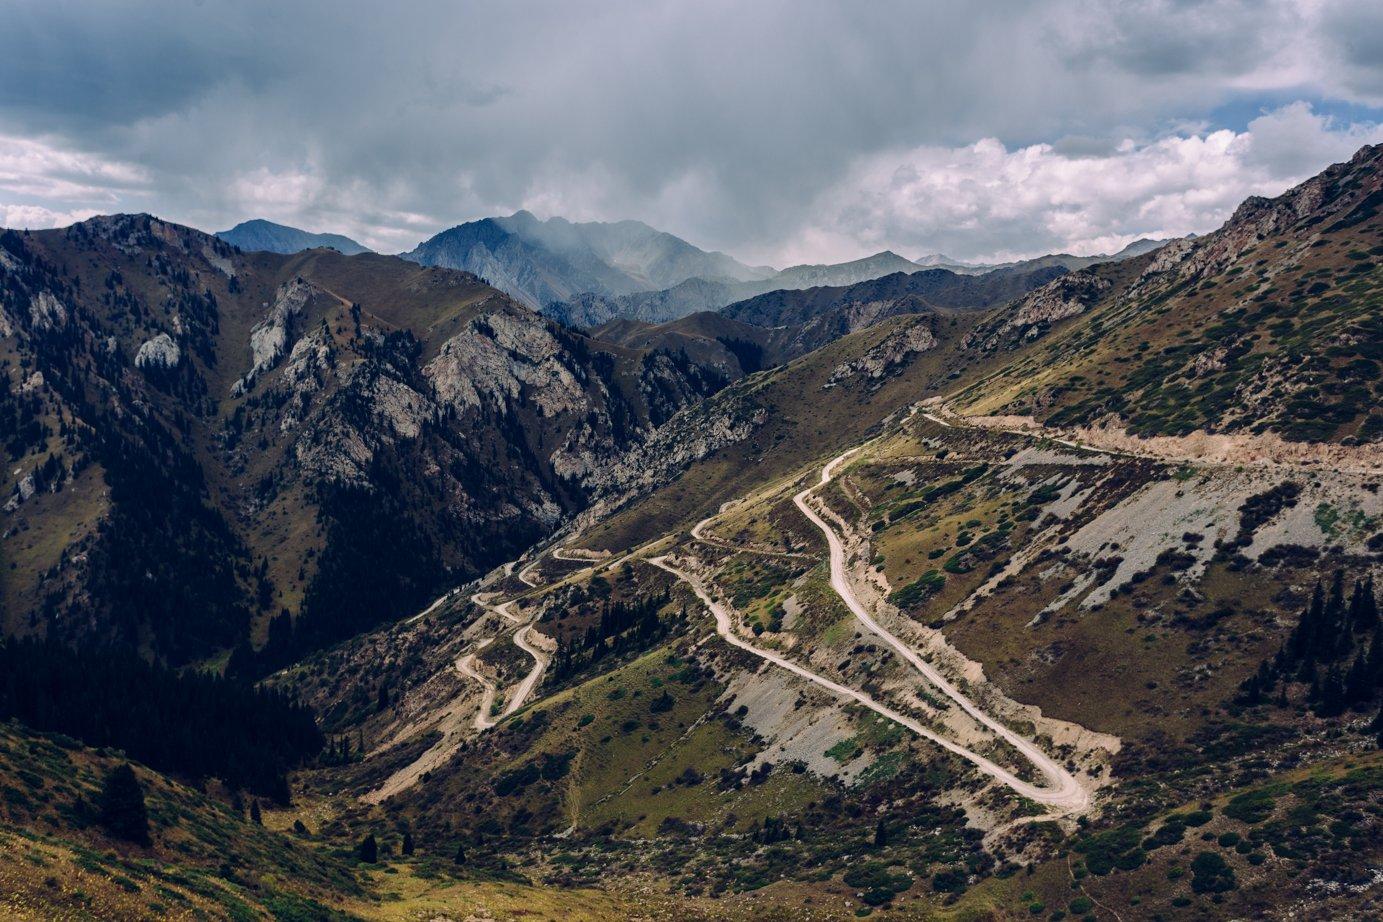 Mój ulubiony podjazd! Ostatni nanaszej drodze (może dlatego), z1600 m na3300 m, zczego ponad 1000 m takimi agrafkami.